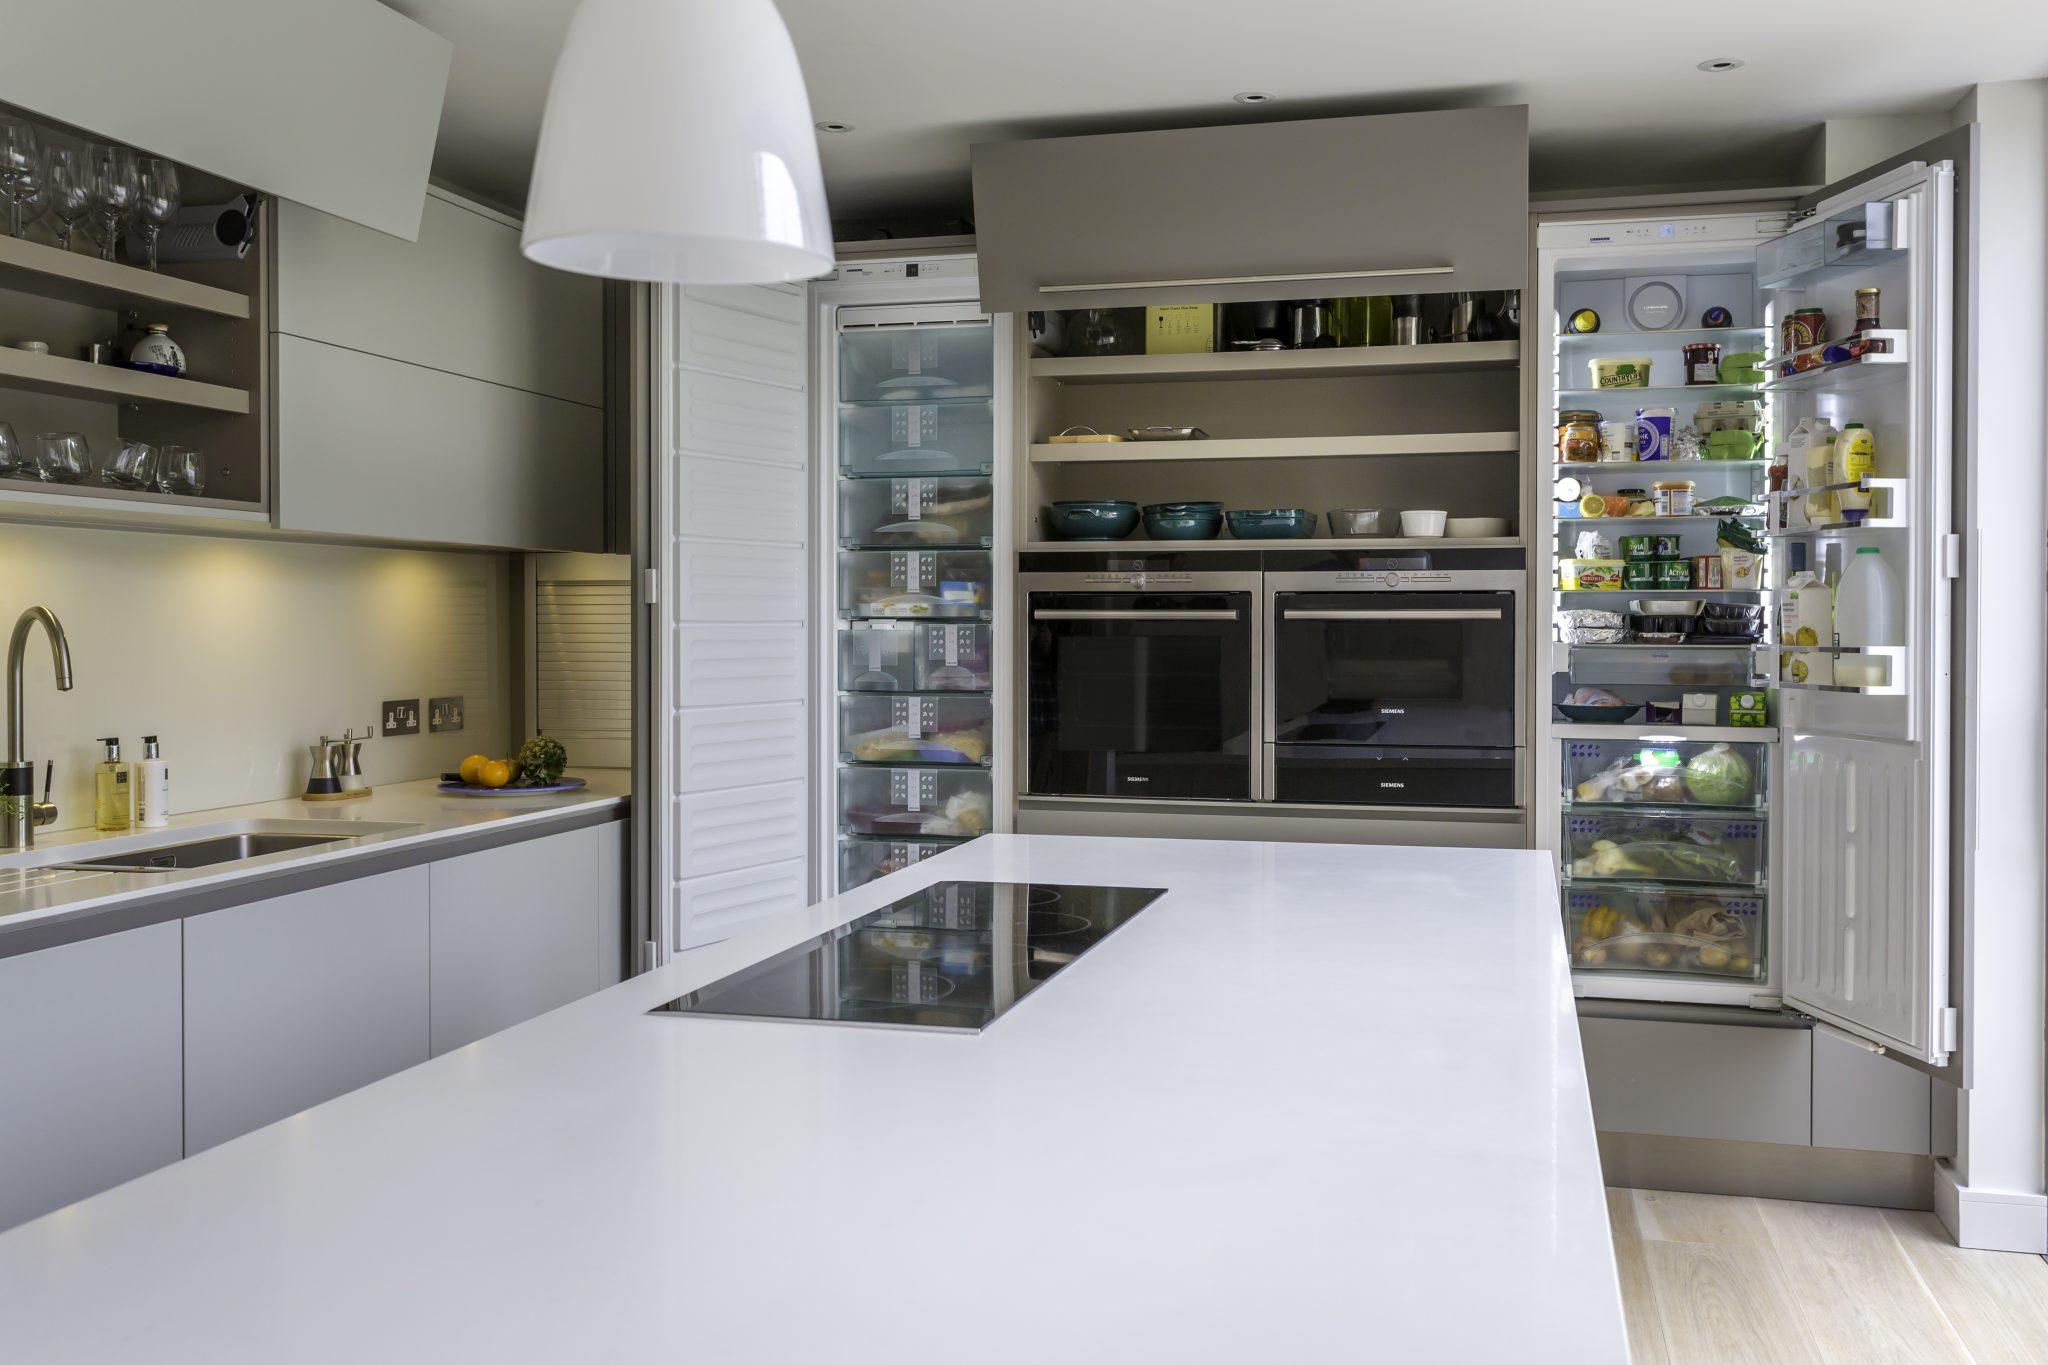 Kitchen Detail Doors open